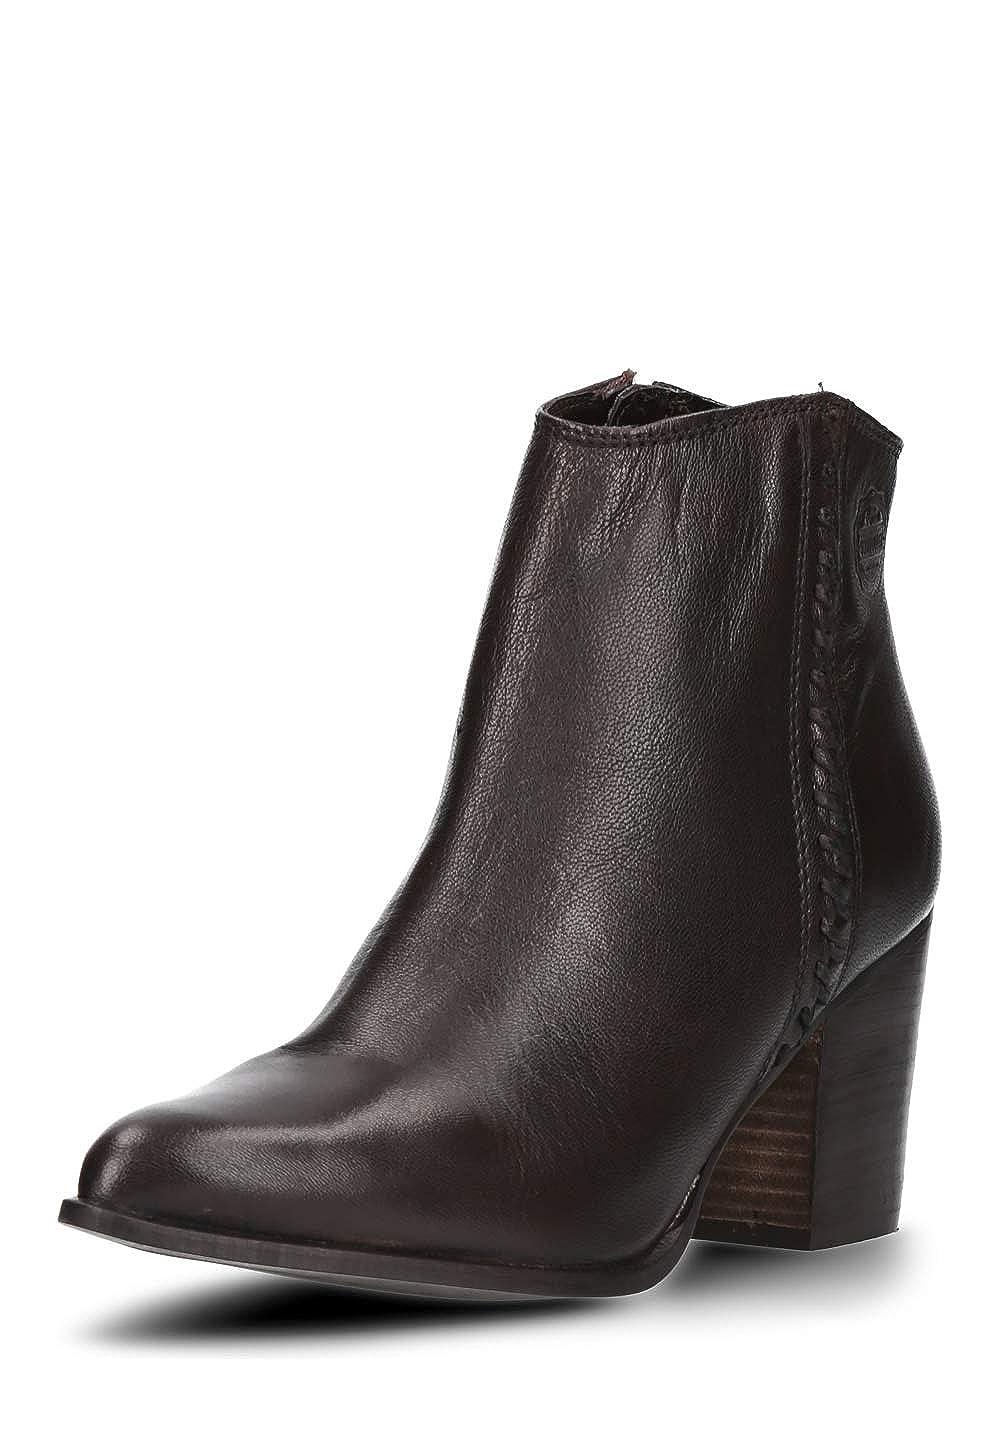 STAN MILLER Damen Schuhe gefüttert warm echt